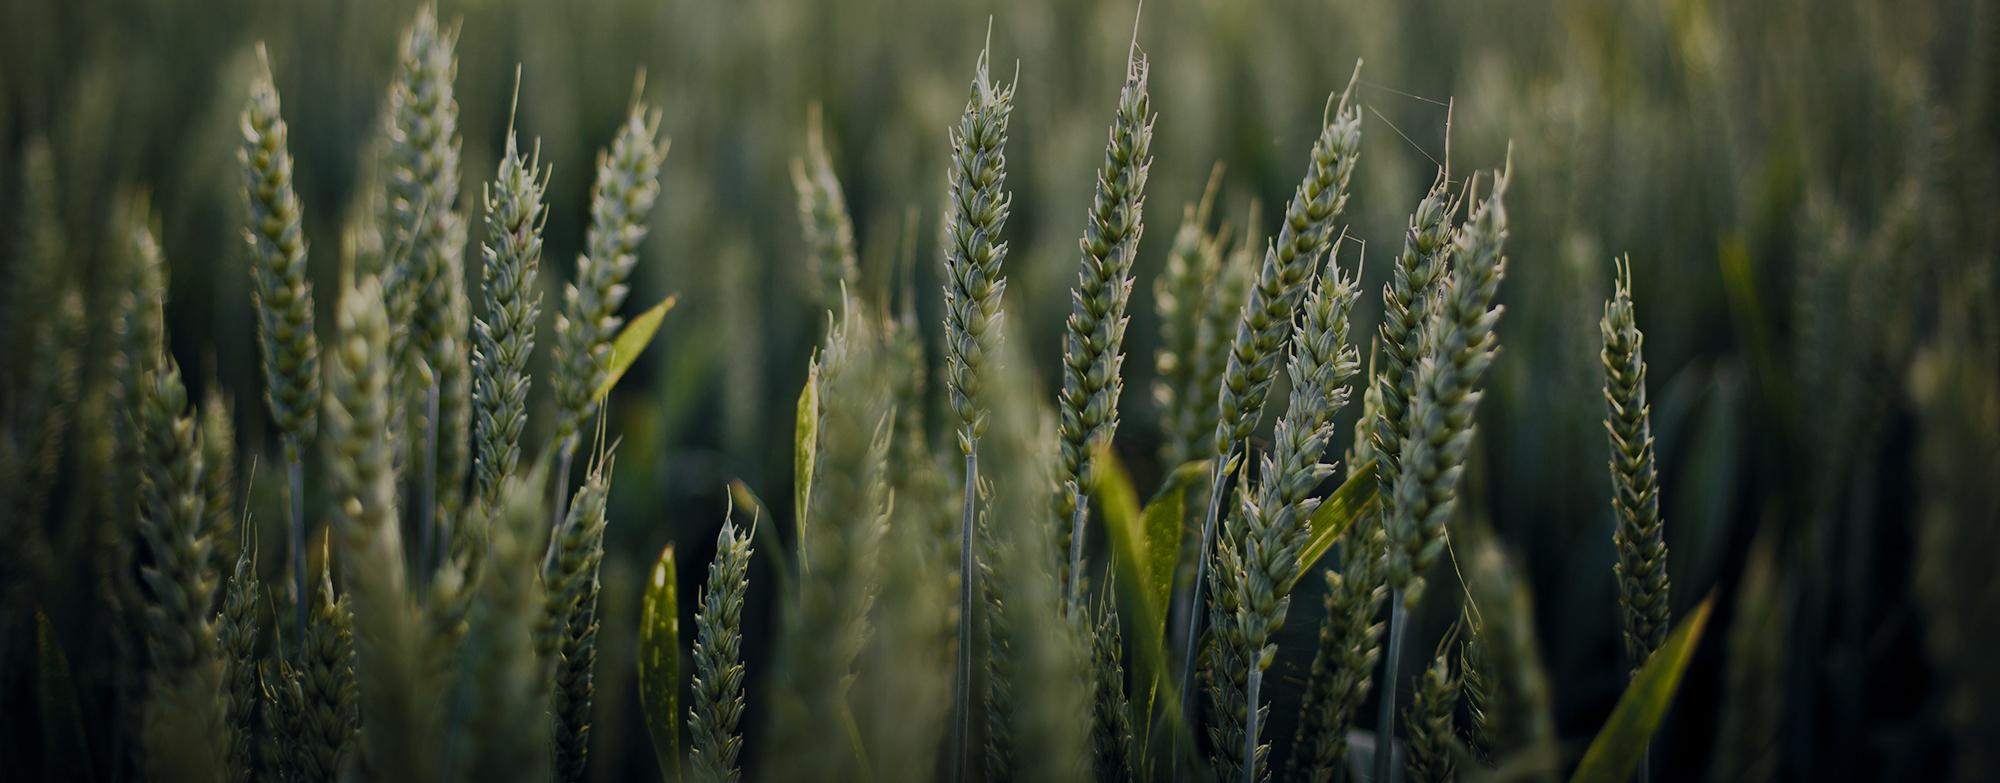 Сумська обласна профспілкова організація працівників агропромислового комплексу України